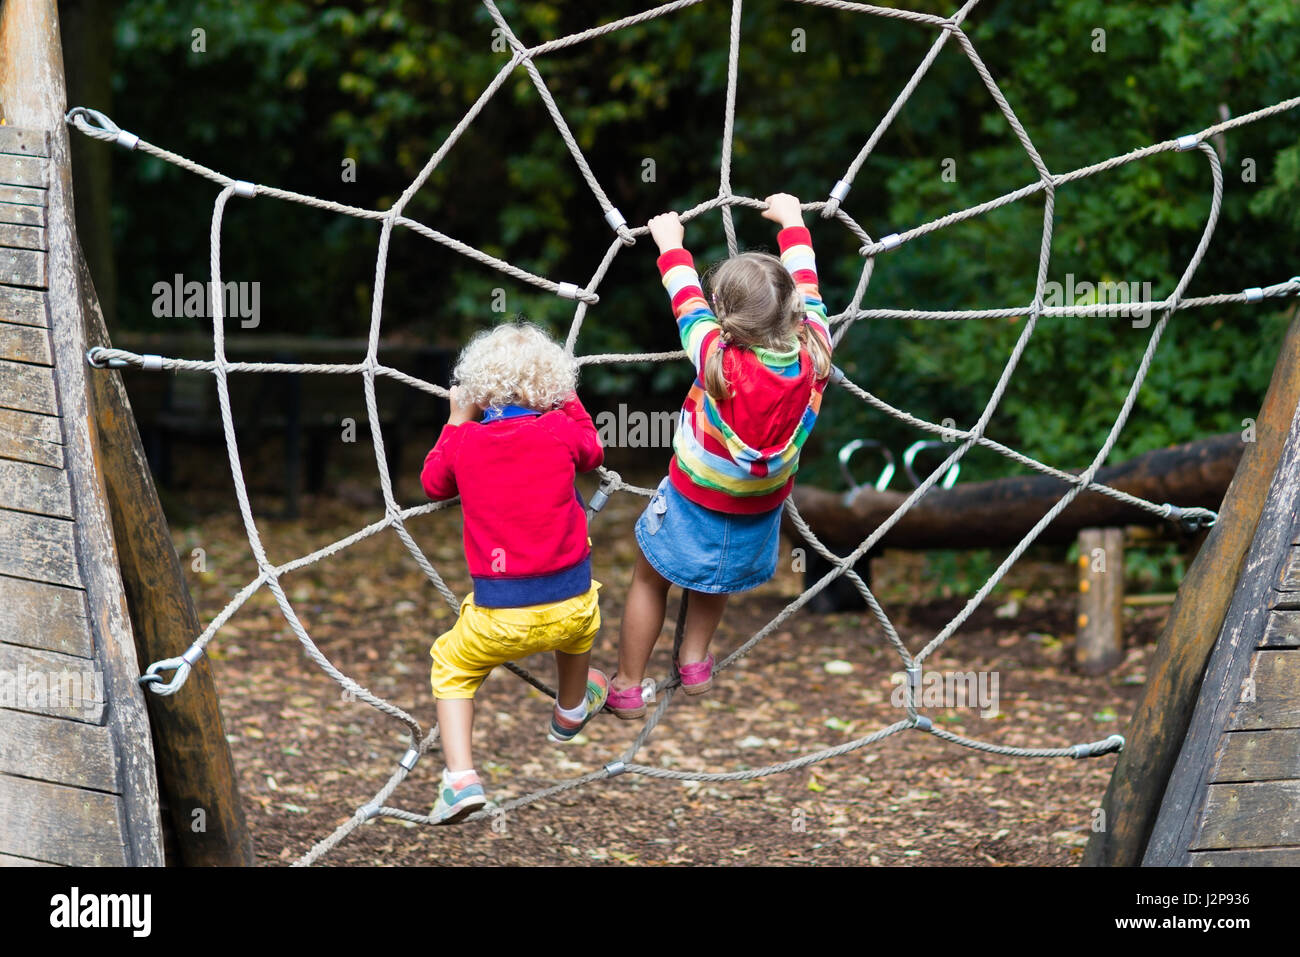 Niños jugando en activo neto de escalada en el patio de la escuela ...